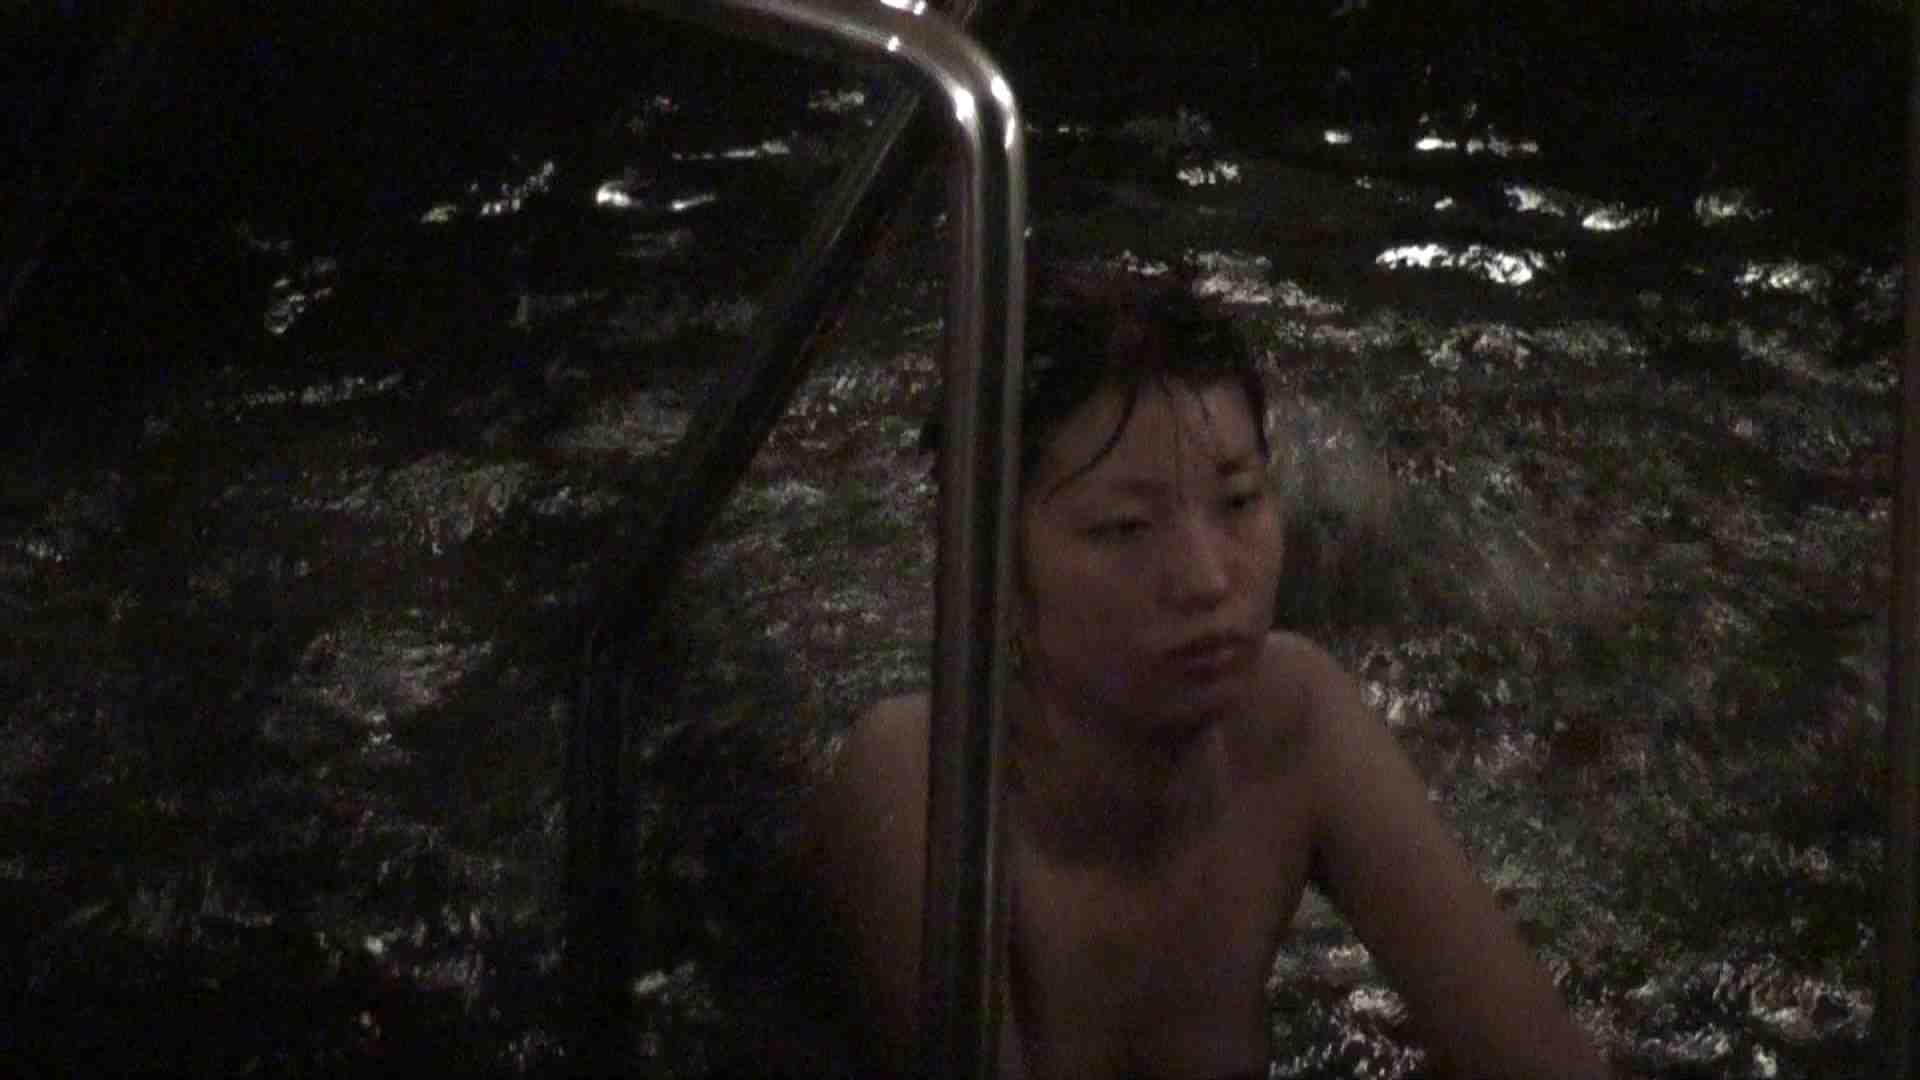 Aquaな露天風呂Vol.379 OL  90pic 47